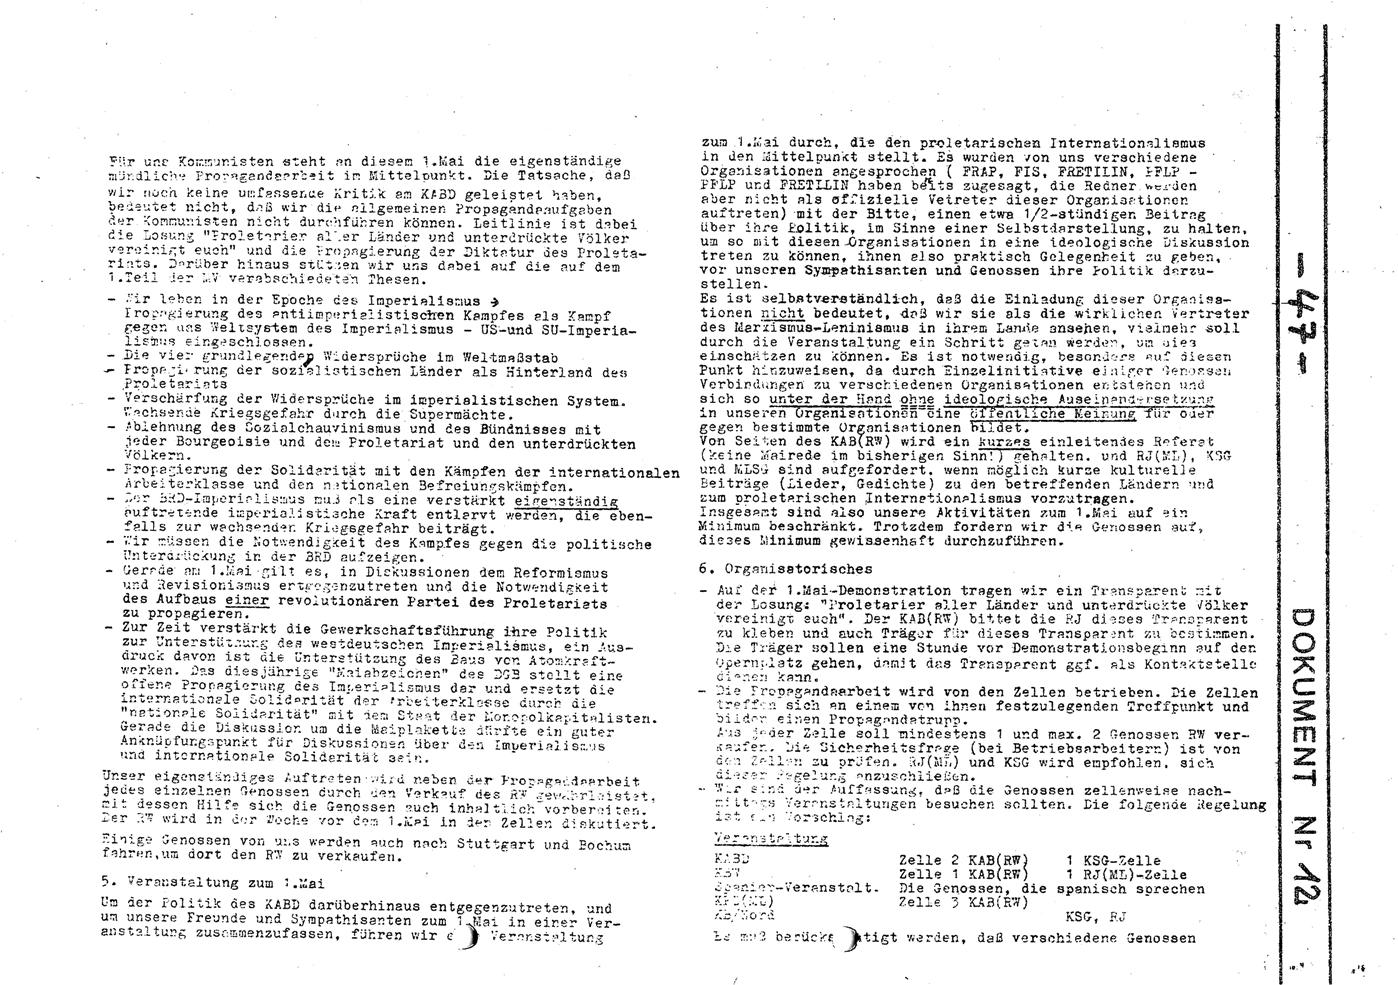 KABRW_Arbeitshefte_1977_24_047